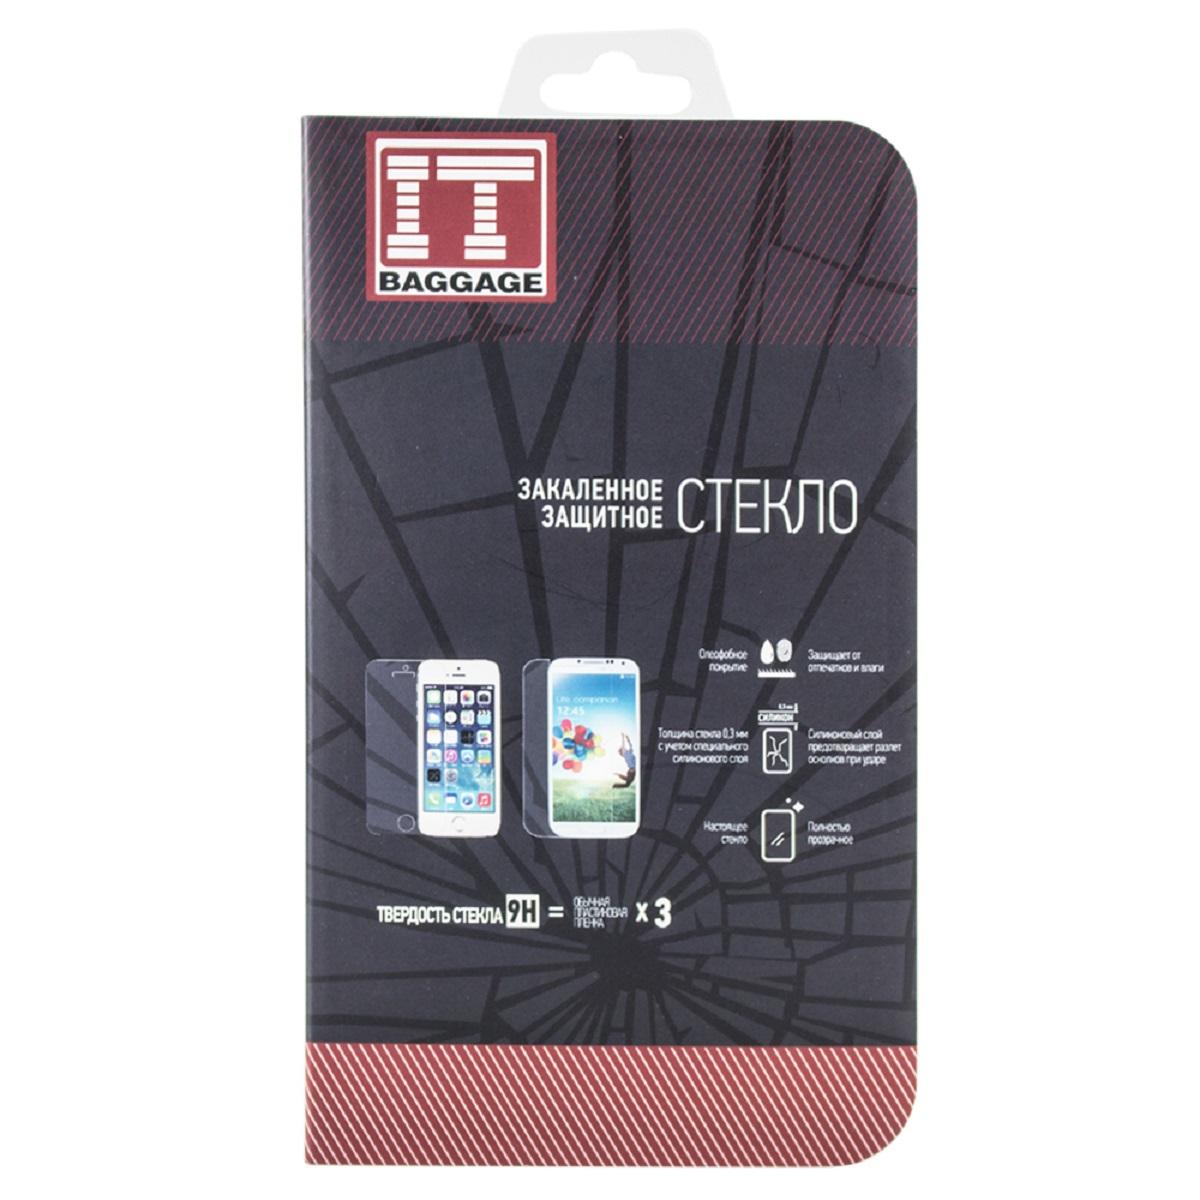 IT Baggage защитное стекло для Meizu MX5ITMZMX5GЗакаленное стекло IT Baggage Meizu MX5 для - это самый верный способ защитить экран от повреждений и загрязнений. Обладает высочайшим уровнем прозрачности и совершенно не влияет на отклик экранного сенсора и качество изображения. Препятствует появлению отпечатков и пятен. Удалить следы жира и косметики с поверхности аксессуара не составить ни какого труда. Характеристики защитного стекла делают его износостойким к таким механическим повреждениям, как царапины, сколы, потертости. При сильном ударе разбившееся стекло не разлетается на осколки, предохраняя вас от порезов, а экран устройства от повреждений. После снятия защитного стекла с поверхности дисплея, на нем не остаются повреждения, такие как потертости и царапины.